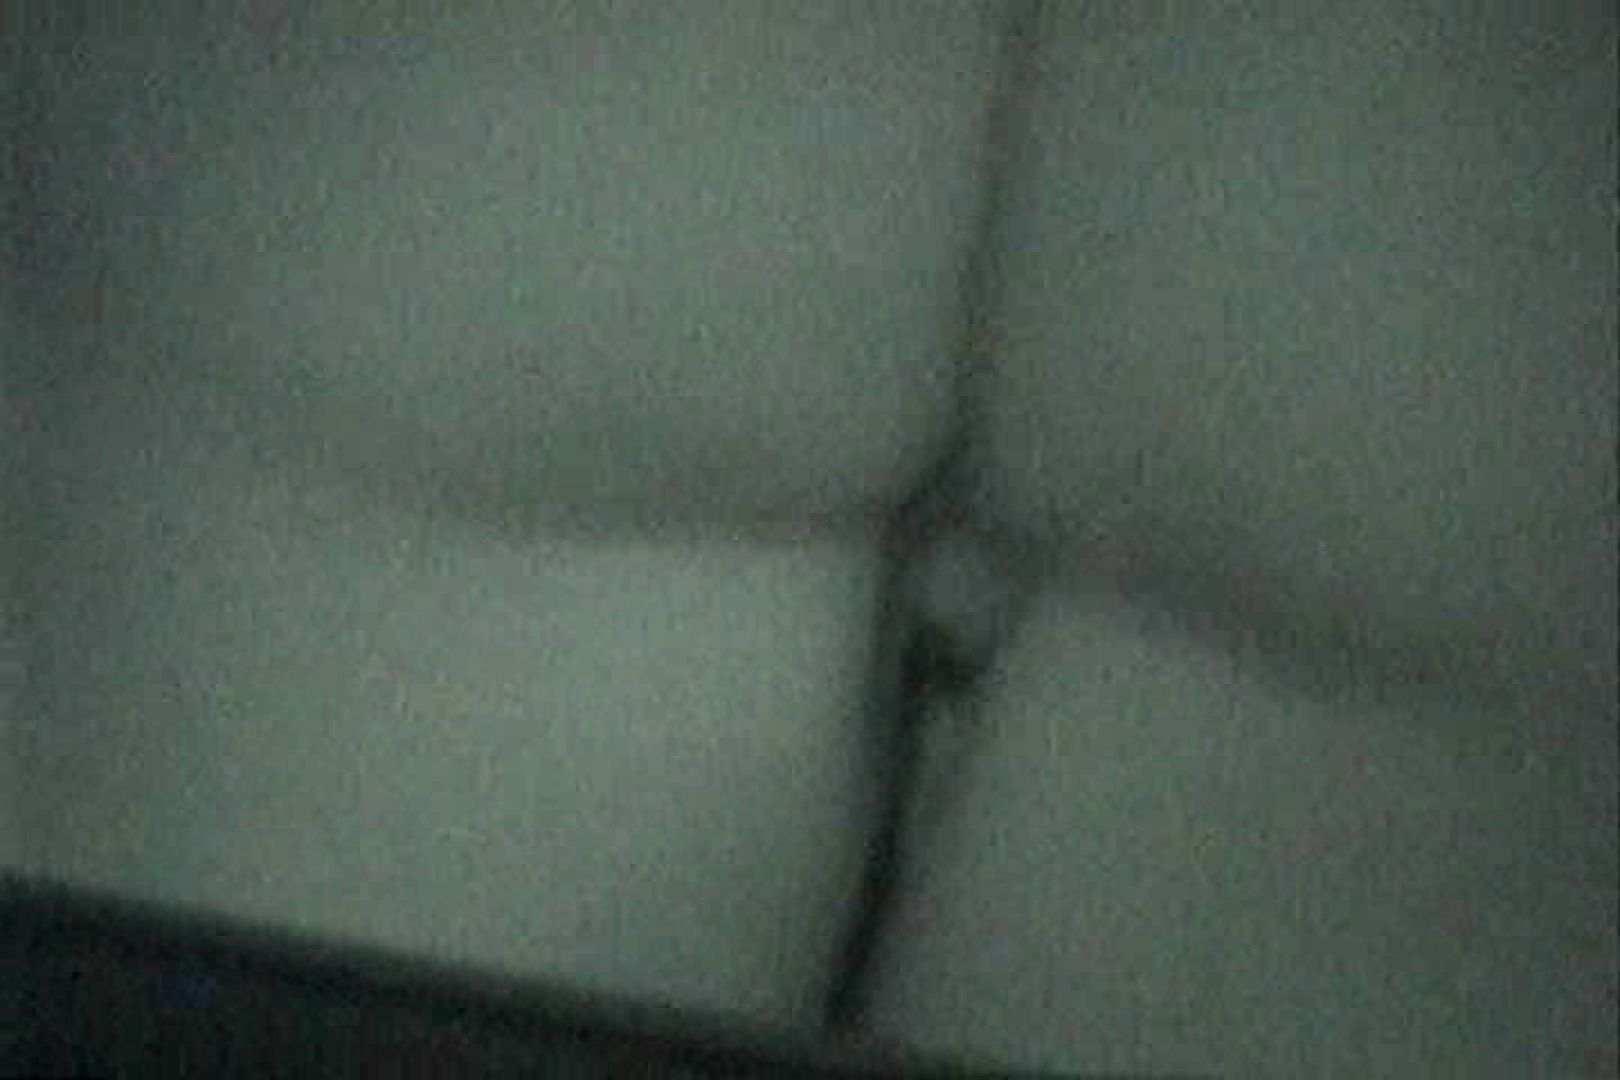 充血監督の深夜の運動会Vol.140 エロティックなOL エロ無料画像 71画像 29